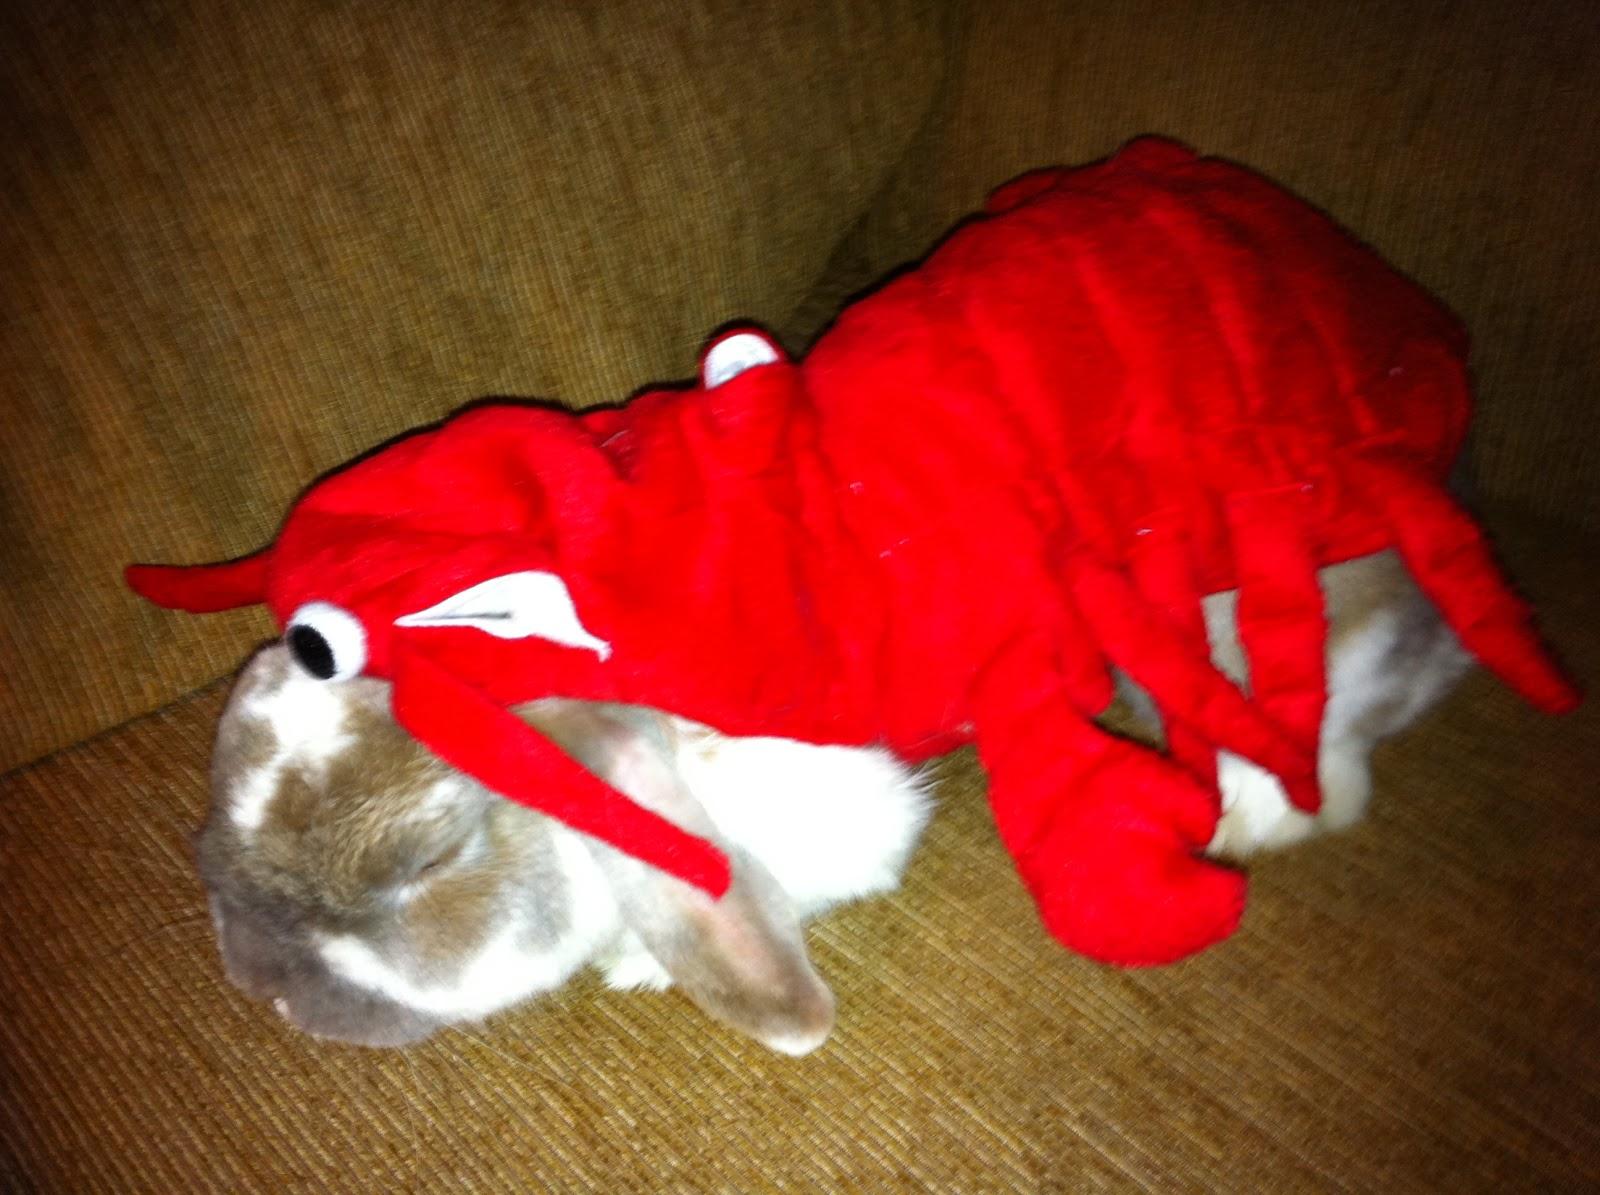 im a stupid lobster